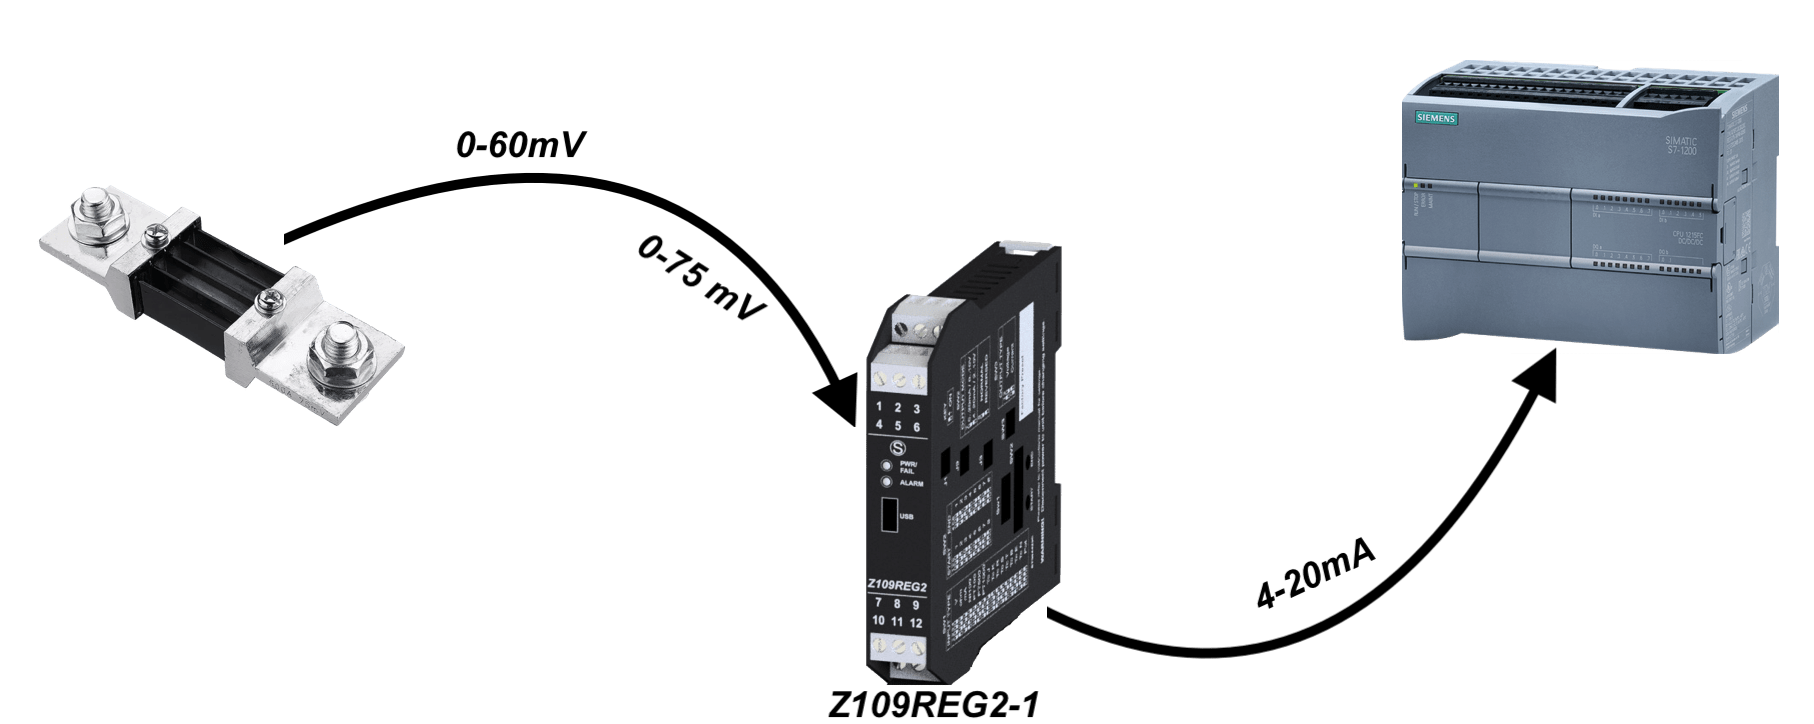 Bộ chuyển đổi tín hiệu 0-60mV 0-70mV sang 4-20mA